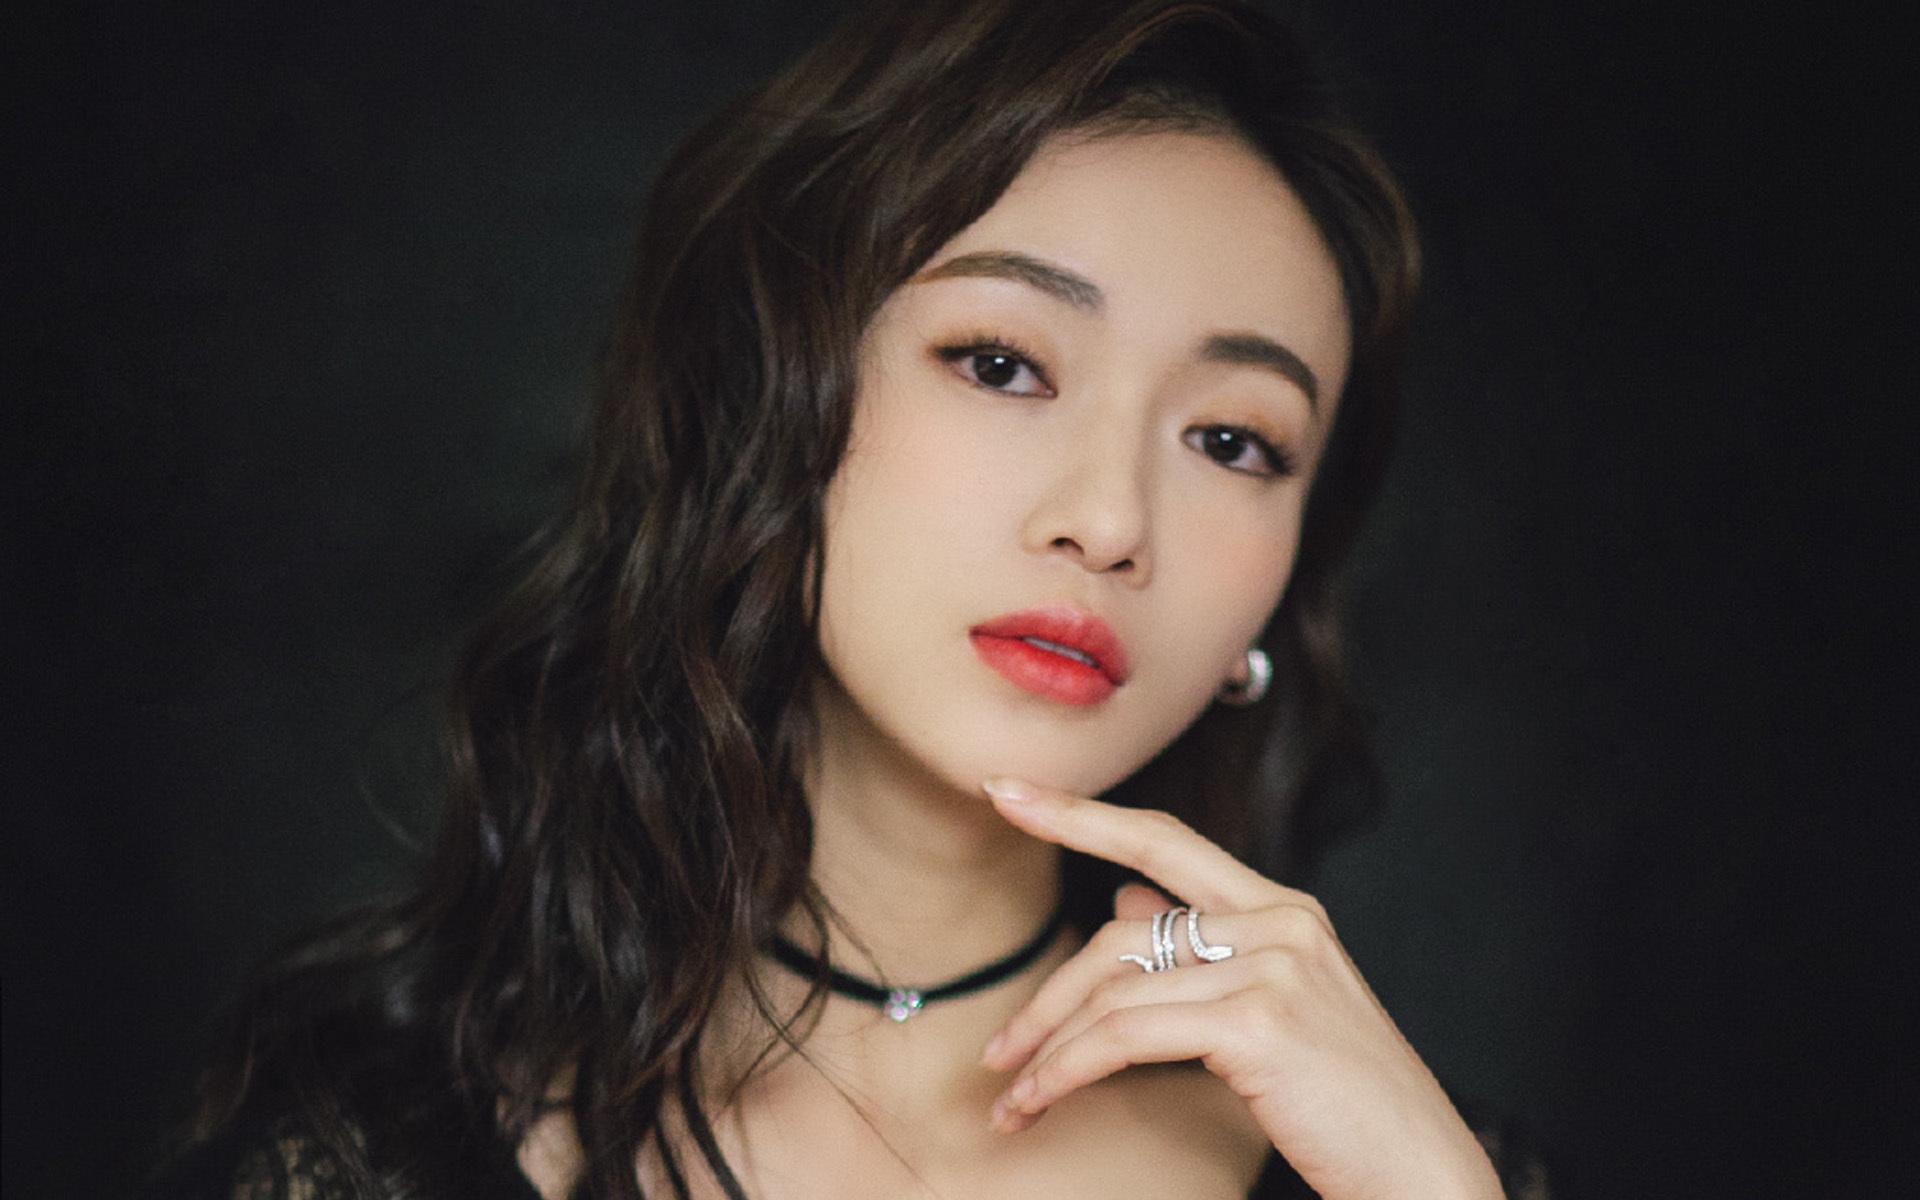 网爆吴亦凡杨超越将合作《簪中录》,女主角人选定为她?